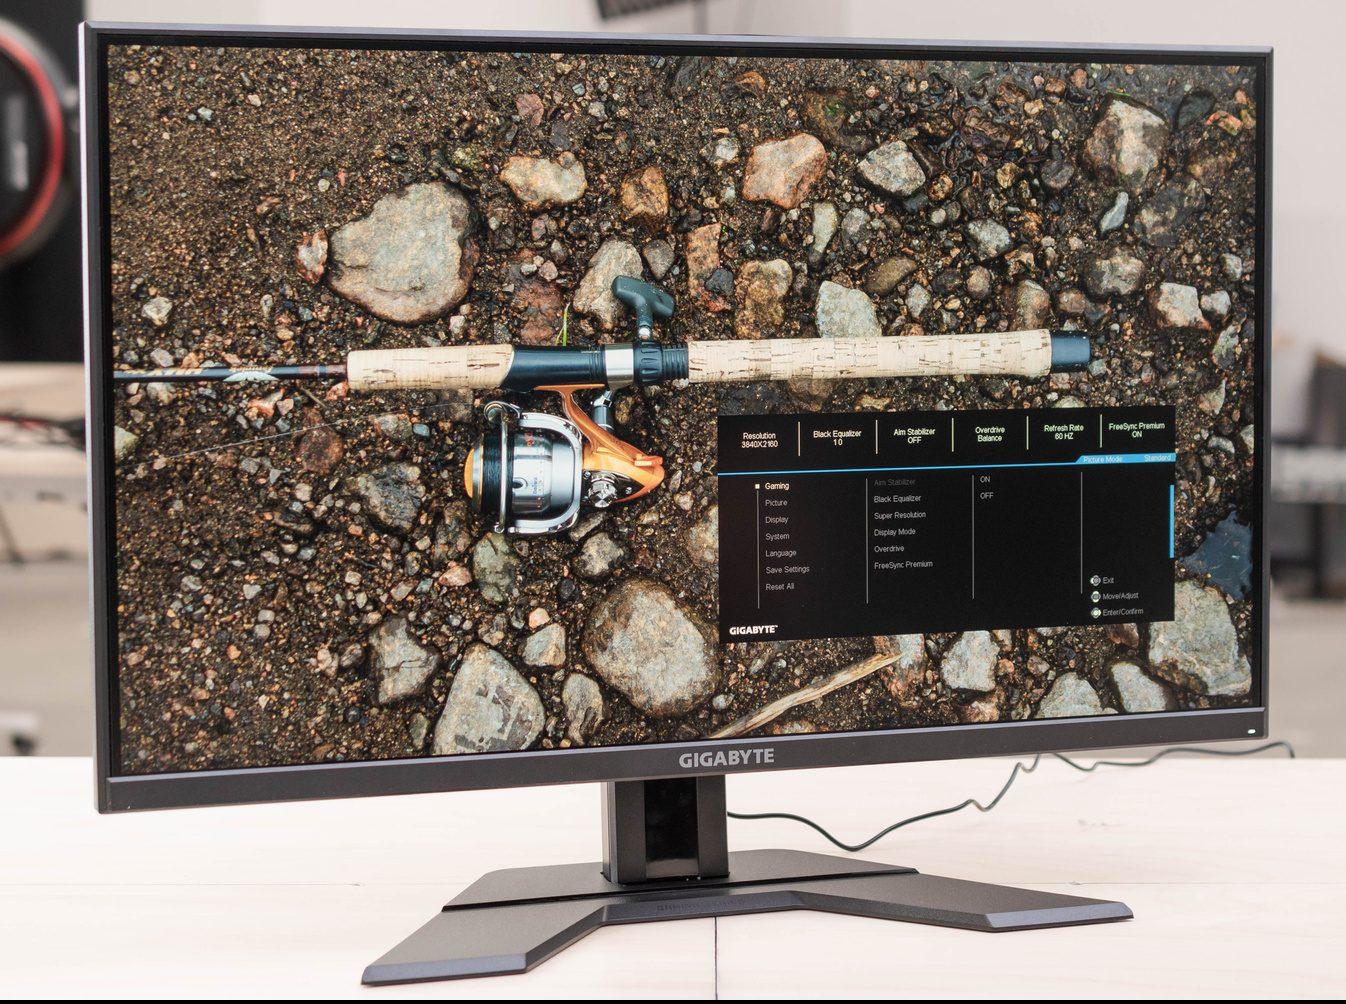 Gigabyte G-27Q - Best 1440p 144Hz Monitors